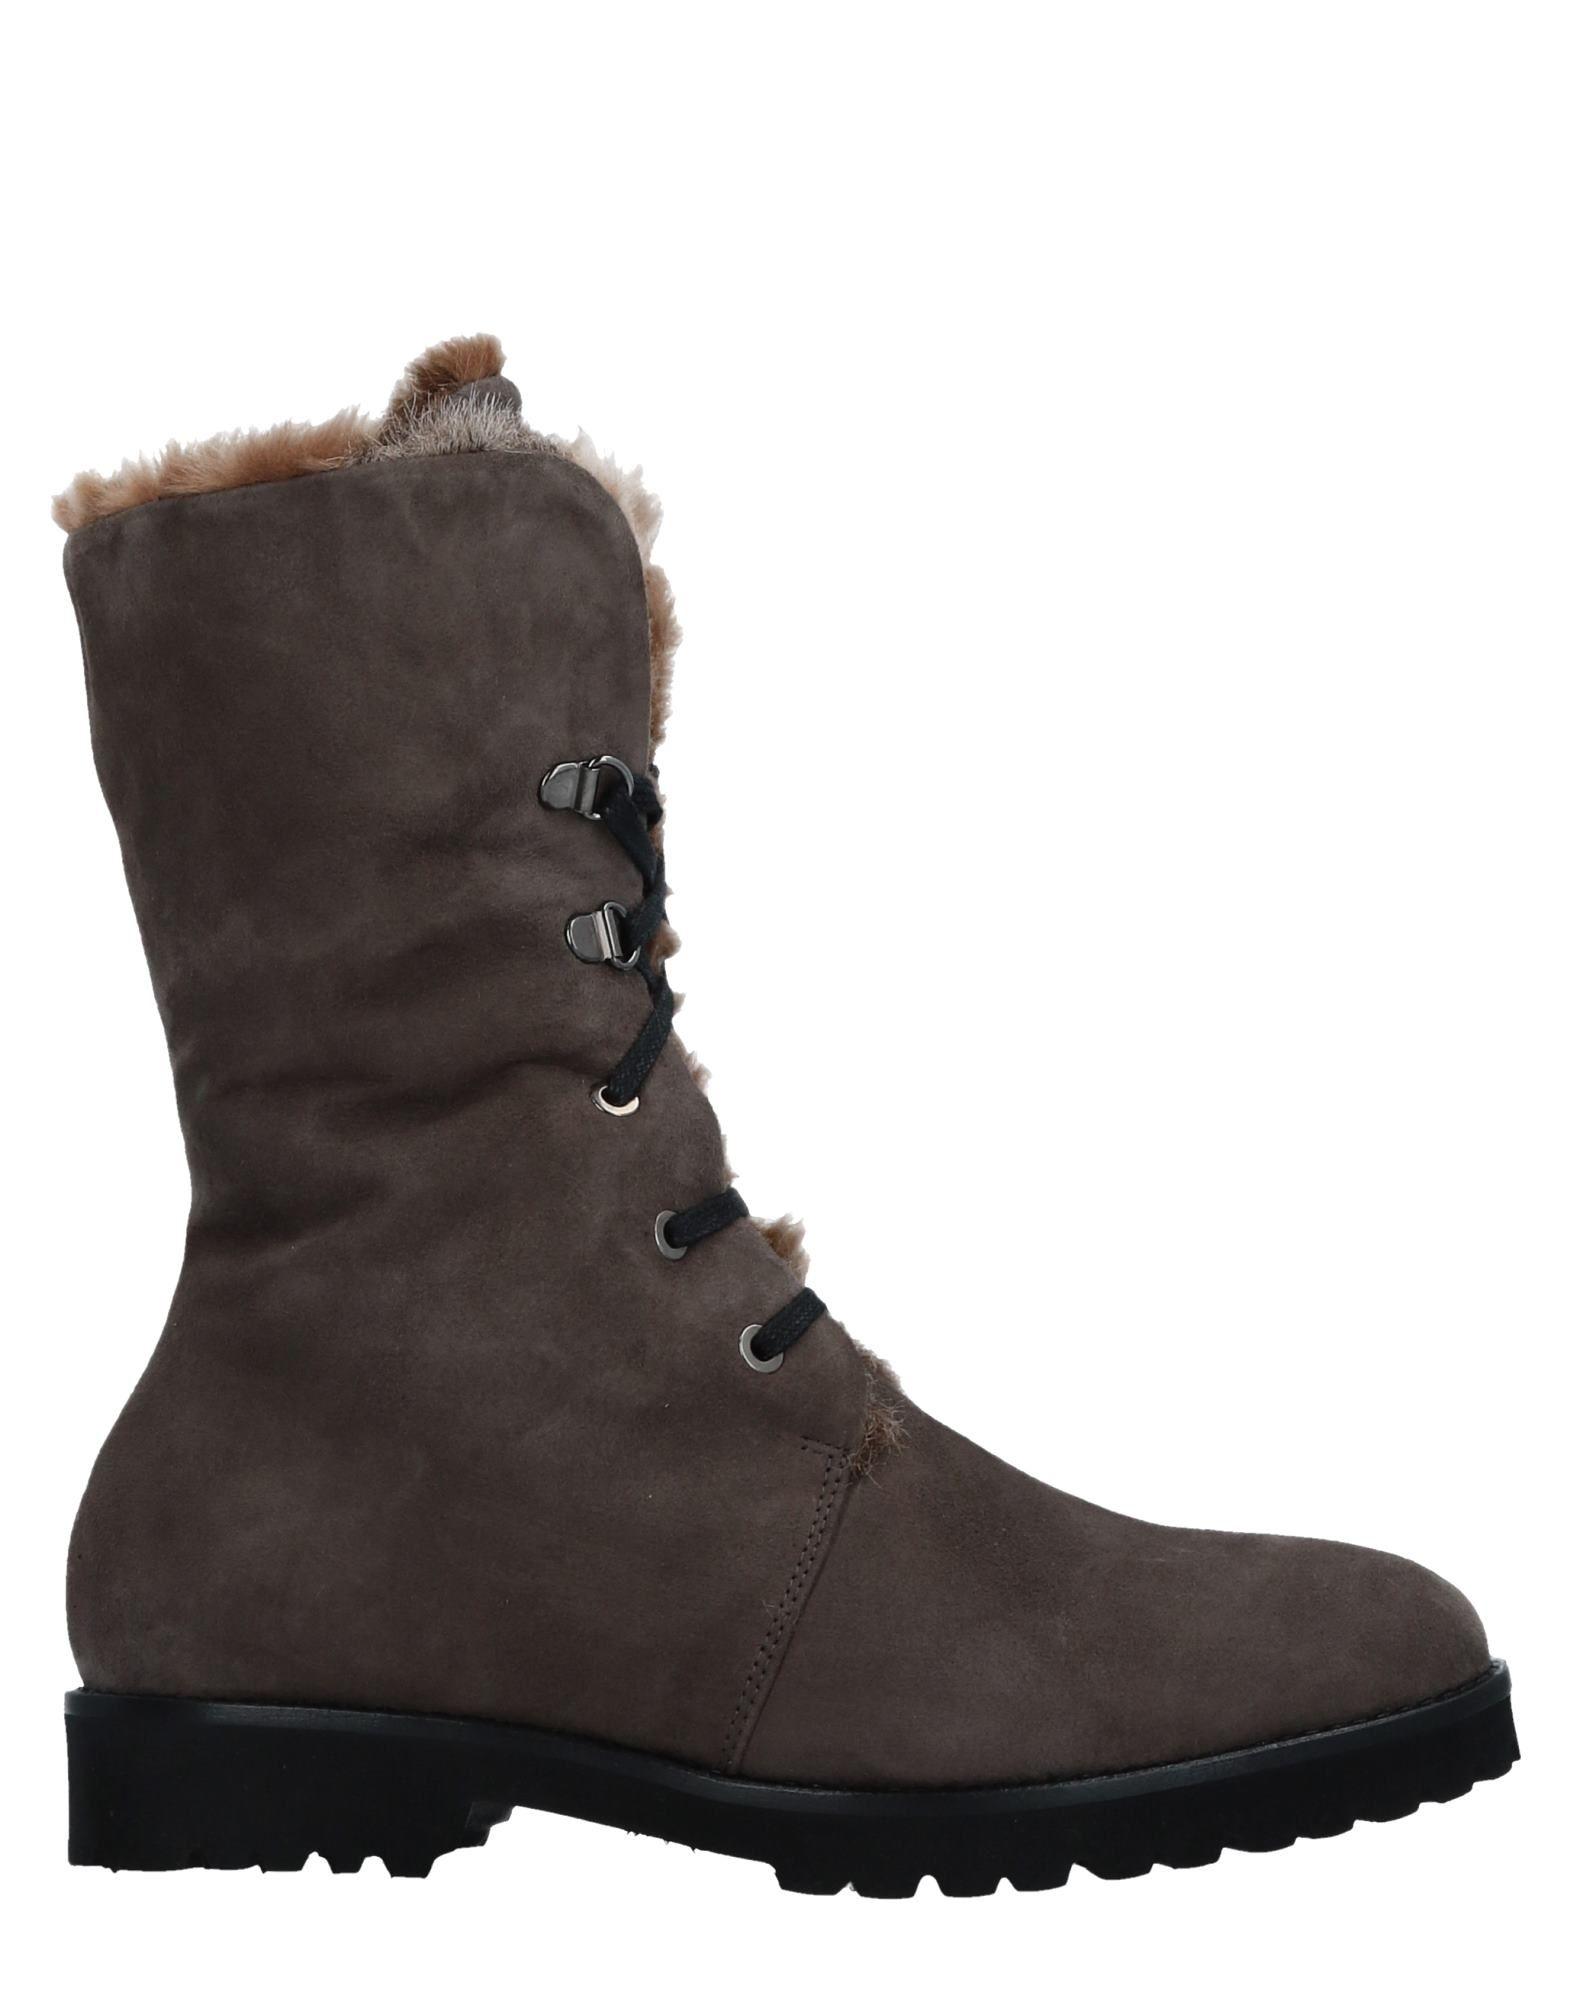 Sneakers Santoni Uomo - 11540138NO Scarpe economiche e buone